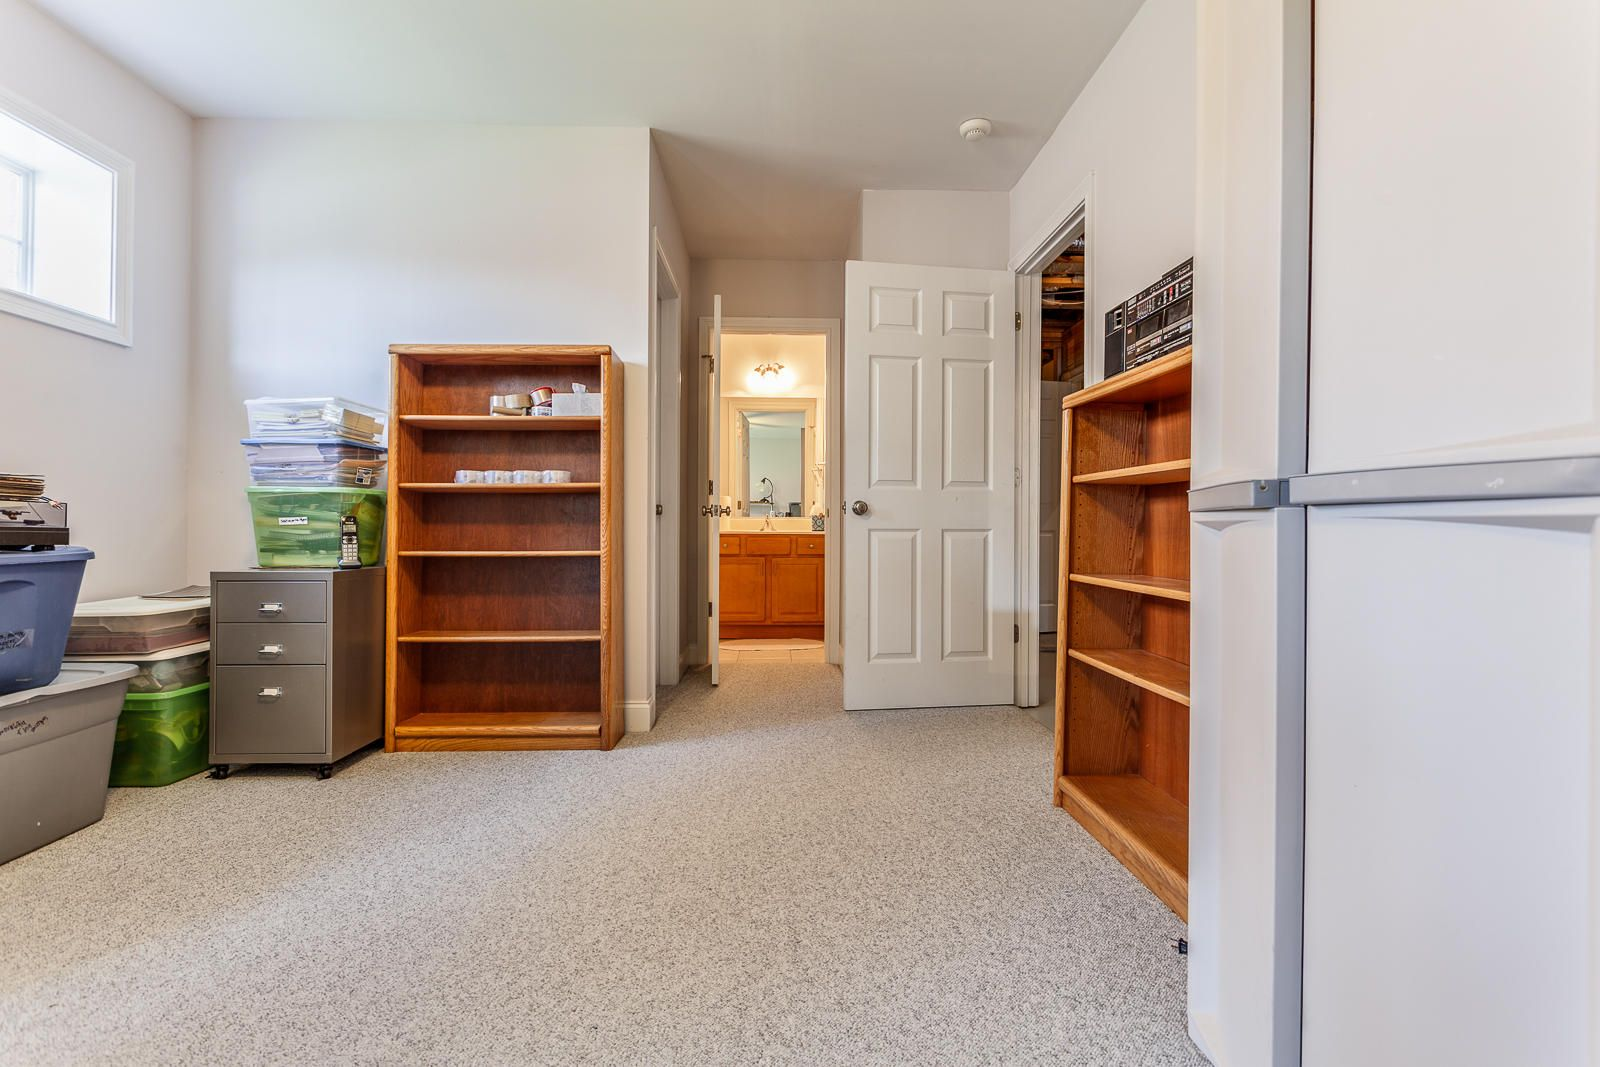 Bedroom Basement_861209